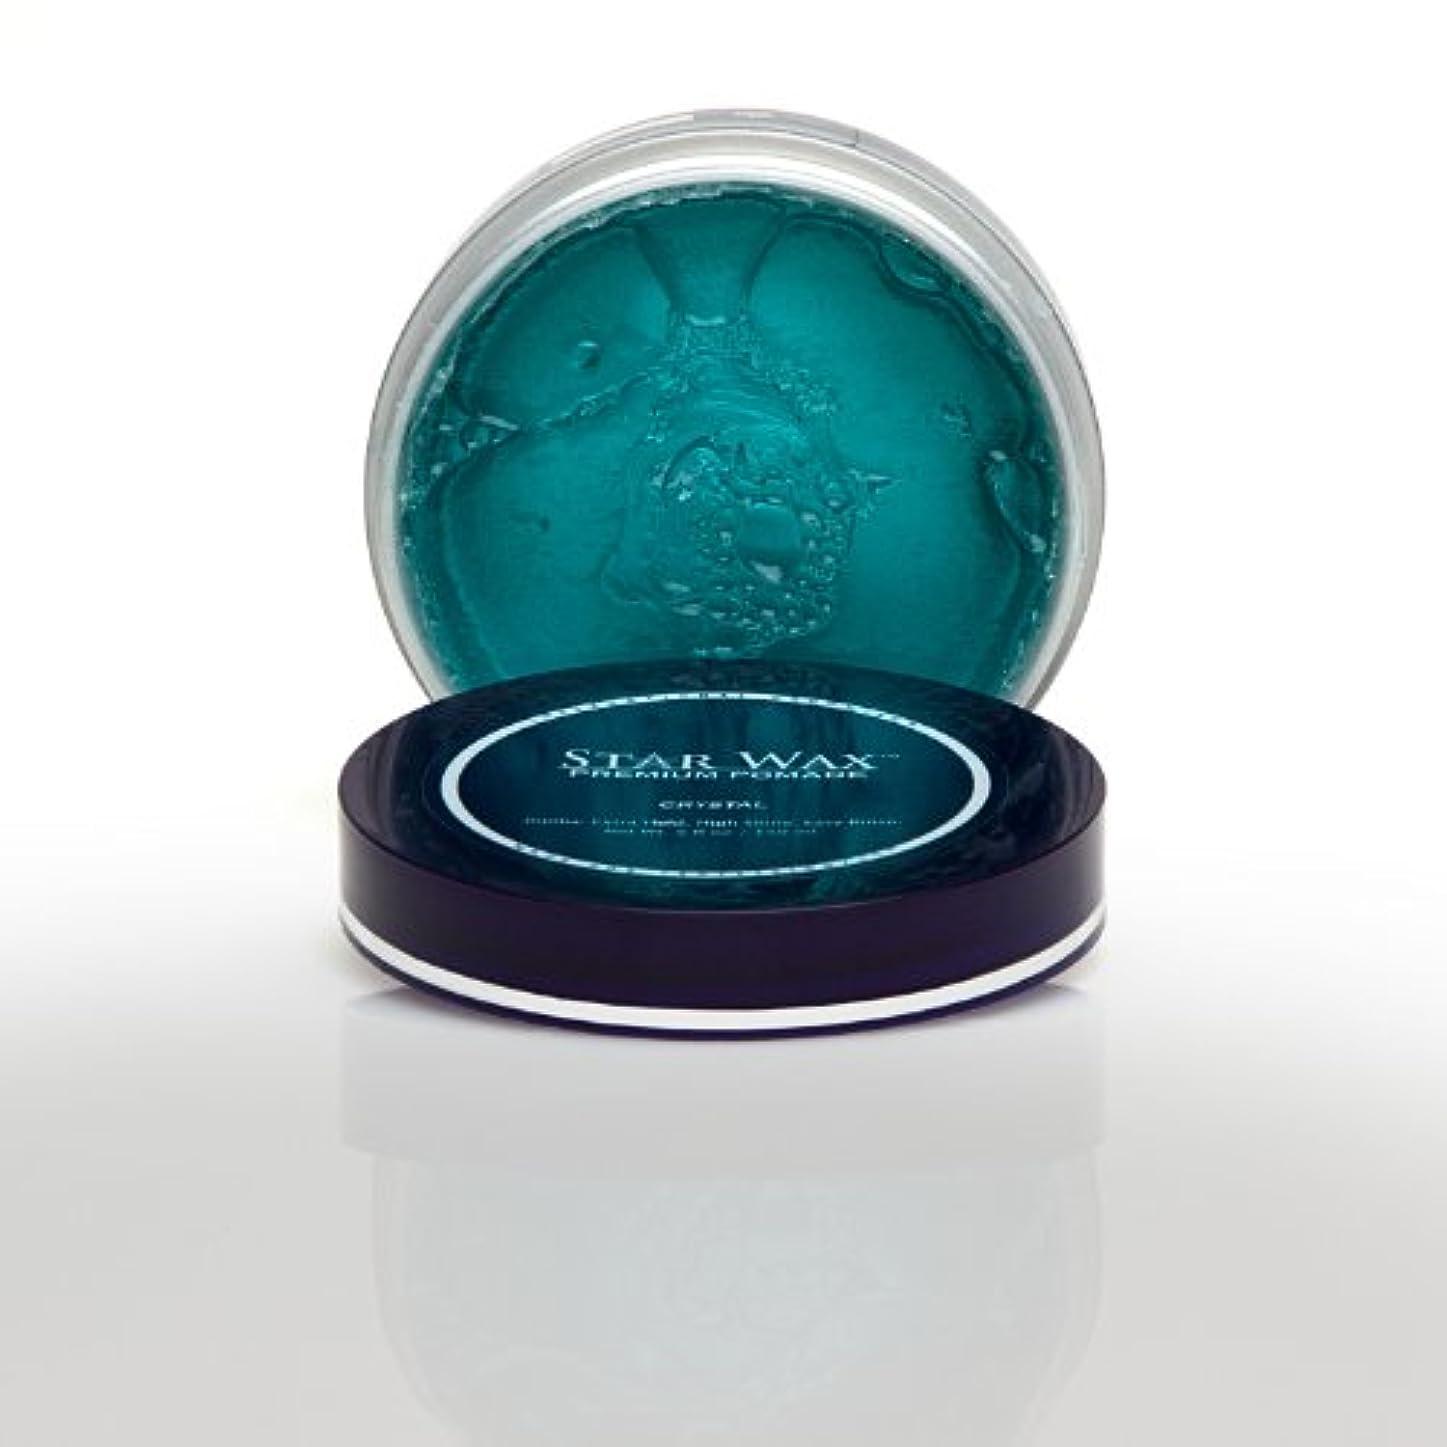 もろいスリンク服を着るStar Wax | Premium Pomade, Crystal(スターワックスプレミアム ポマード「クリスタル」)?Star Pro Line(スタープロライン)製?5(液量)オンス/150ml